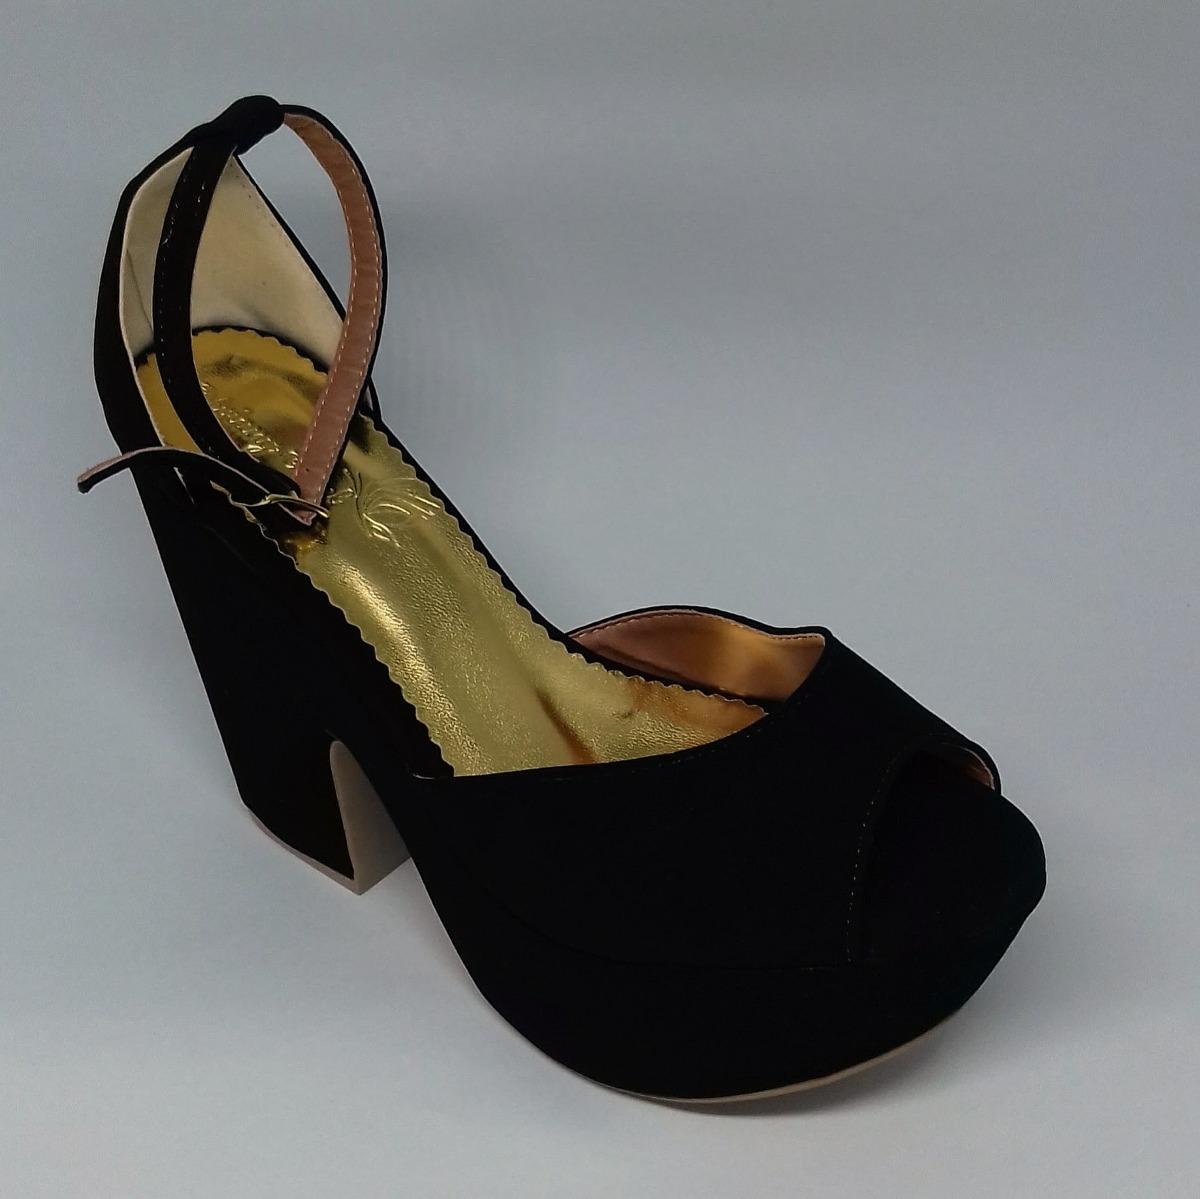 c0be6d4b5 sapatos femininos sandálias plataforma salto 12. Carregando zoom.